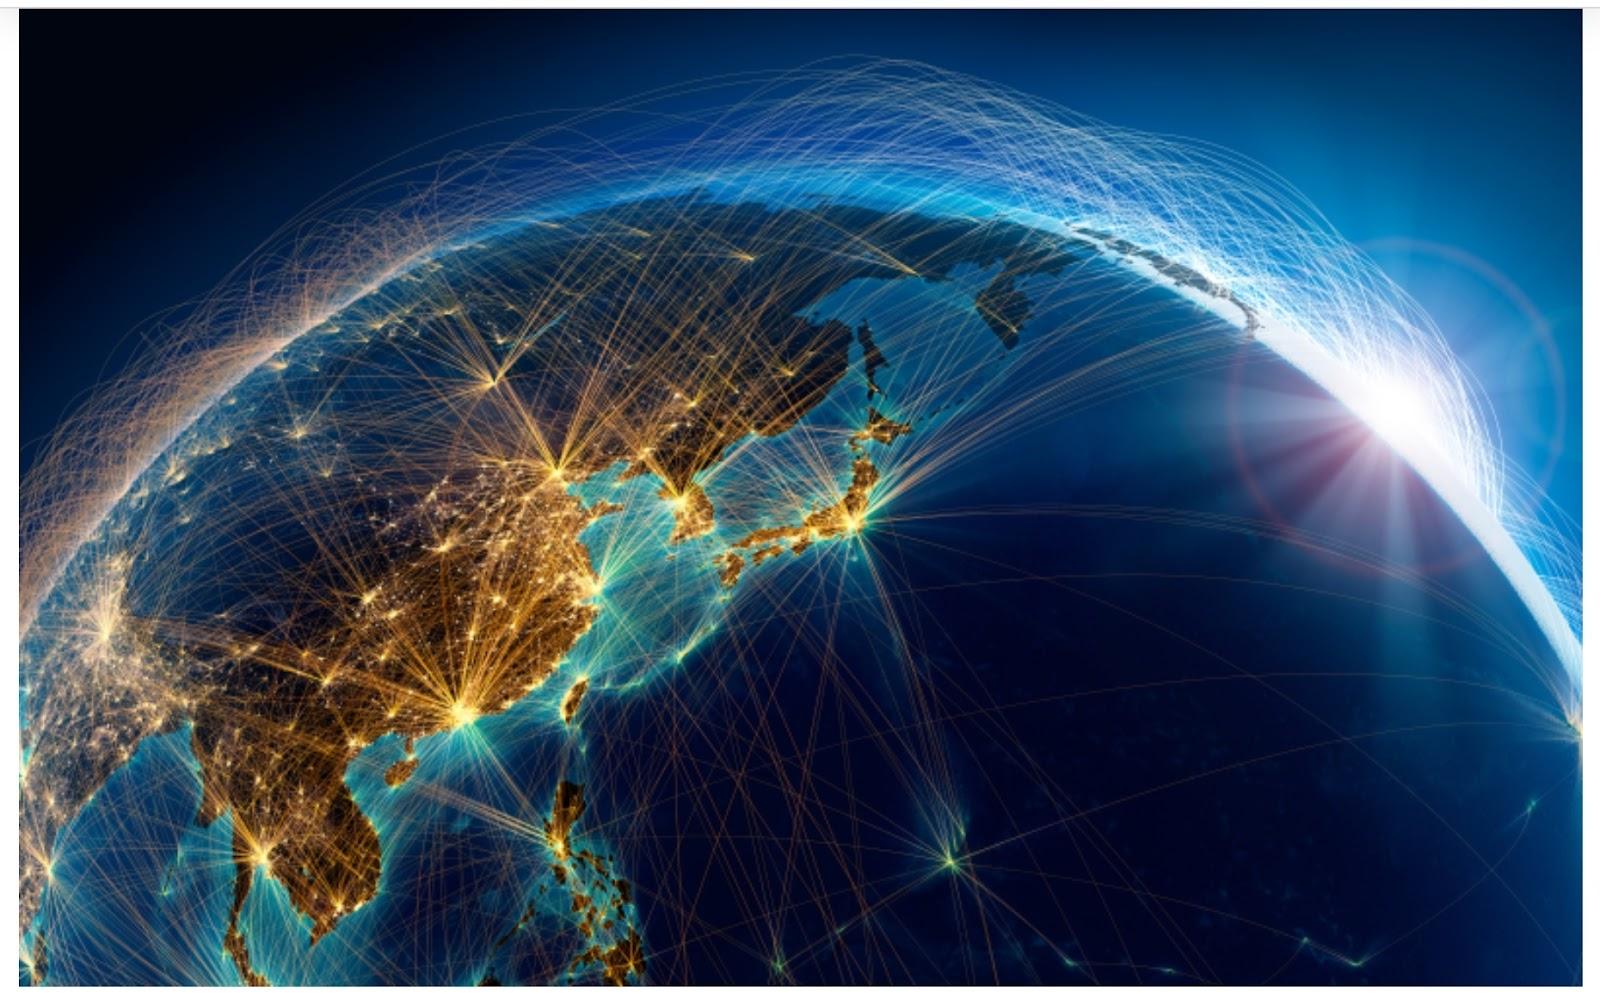 ลดความเหลื่อมล้ำเชื่อมต่อช่องว่างเพื่อเข้าถึงเทคโนโลยีดิจิทัลในภูมิภาคเอเชีย-แปซิฟิก